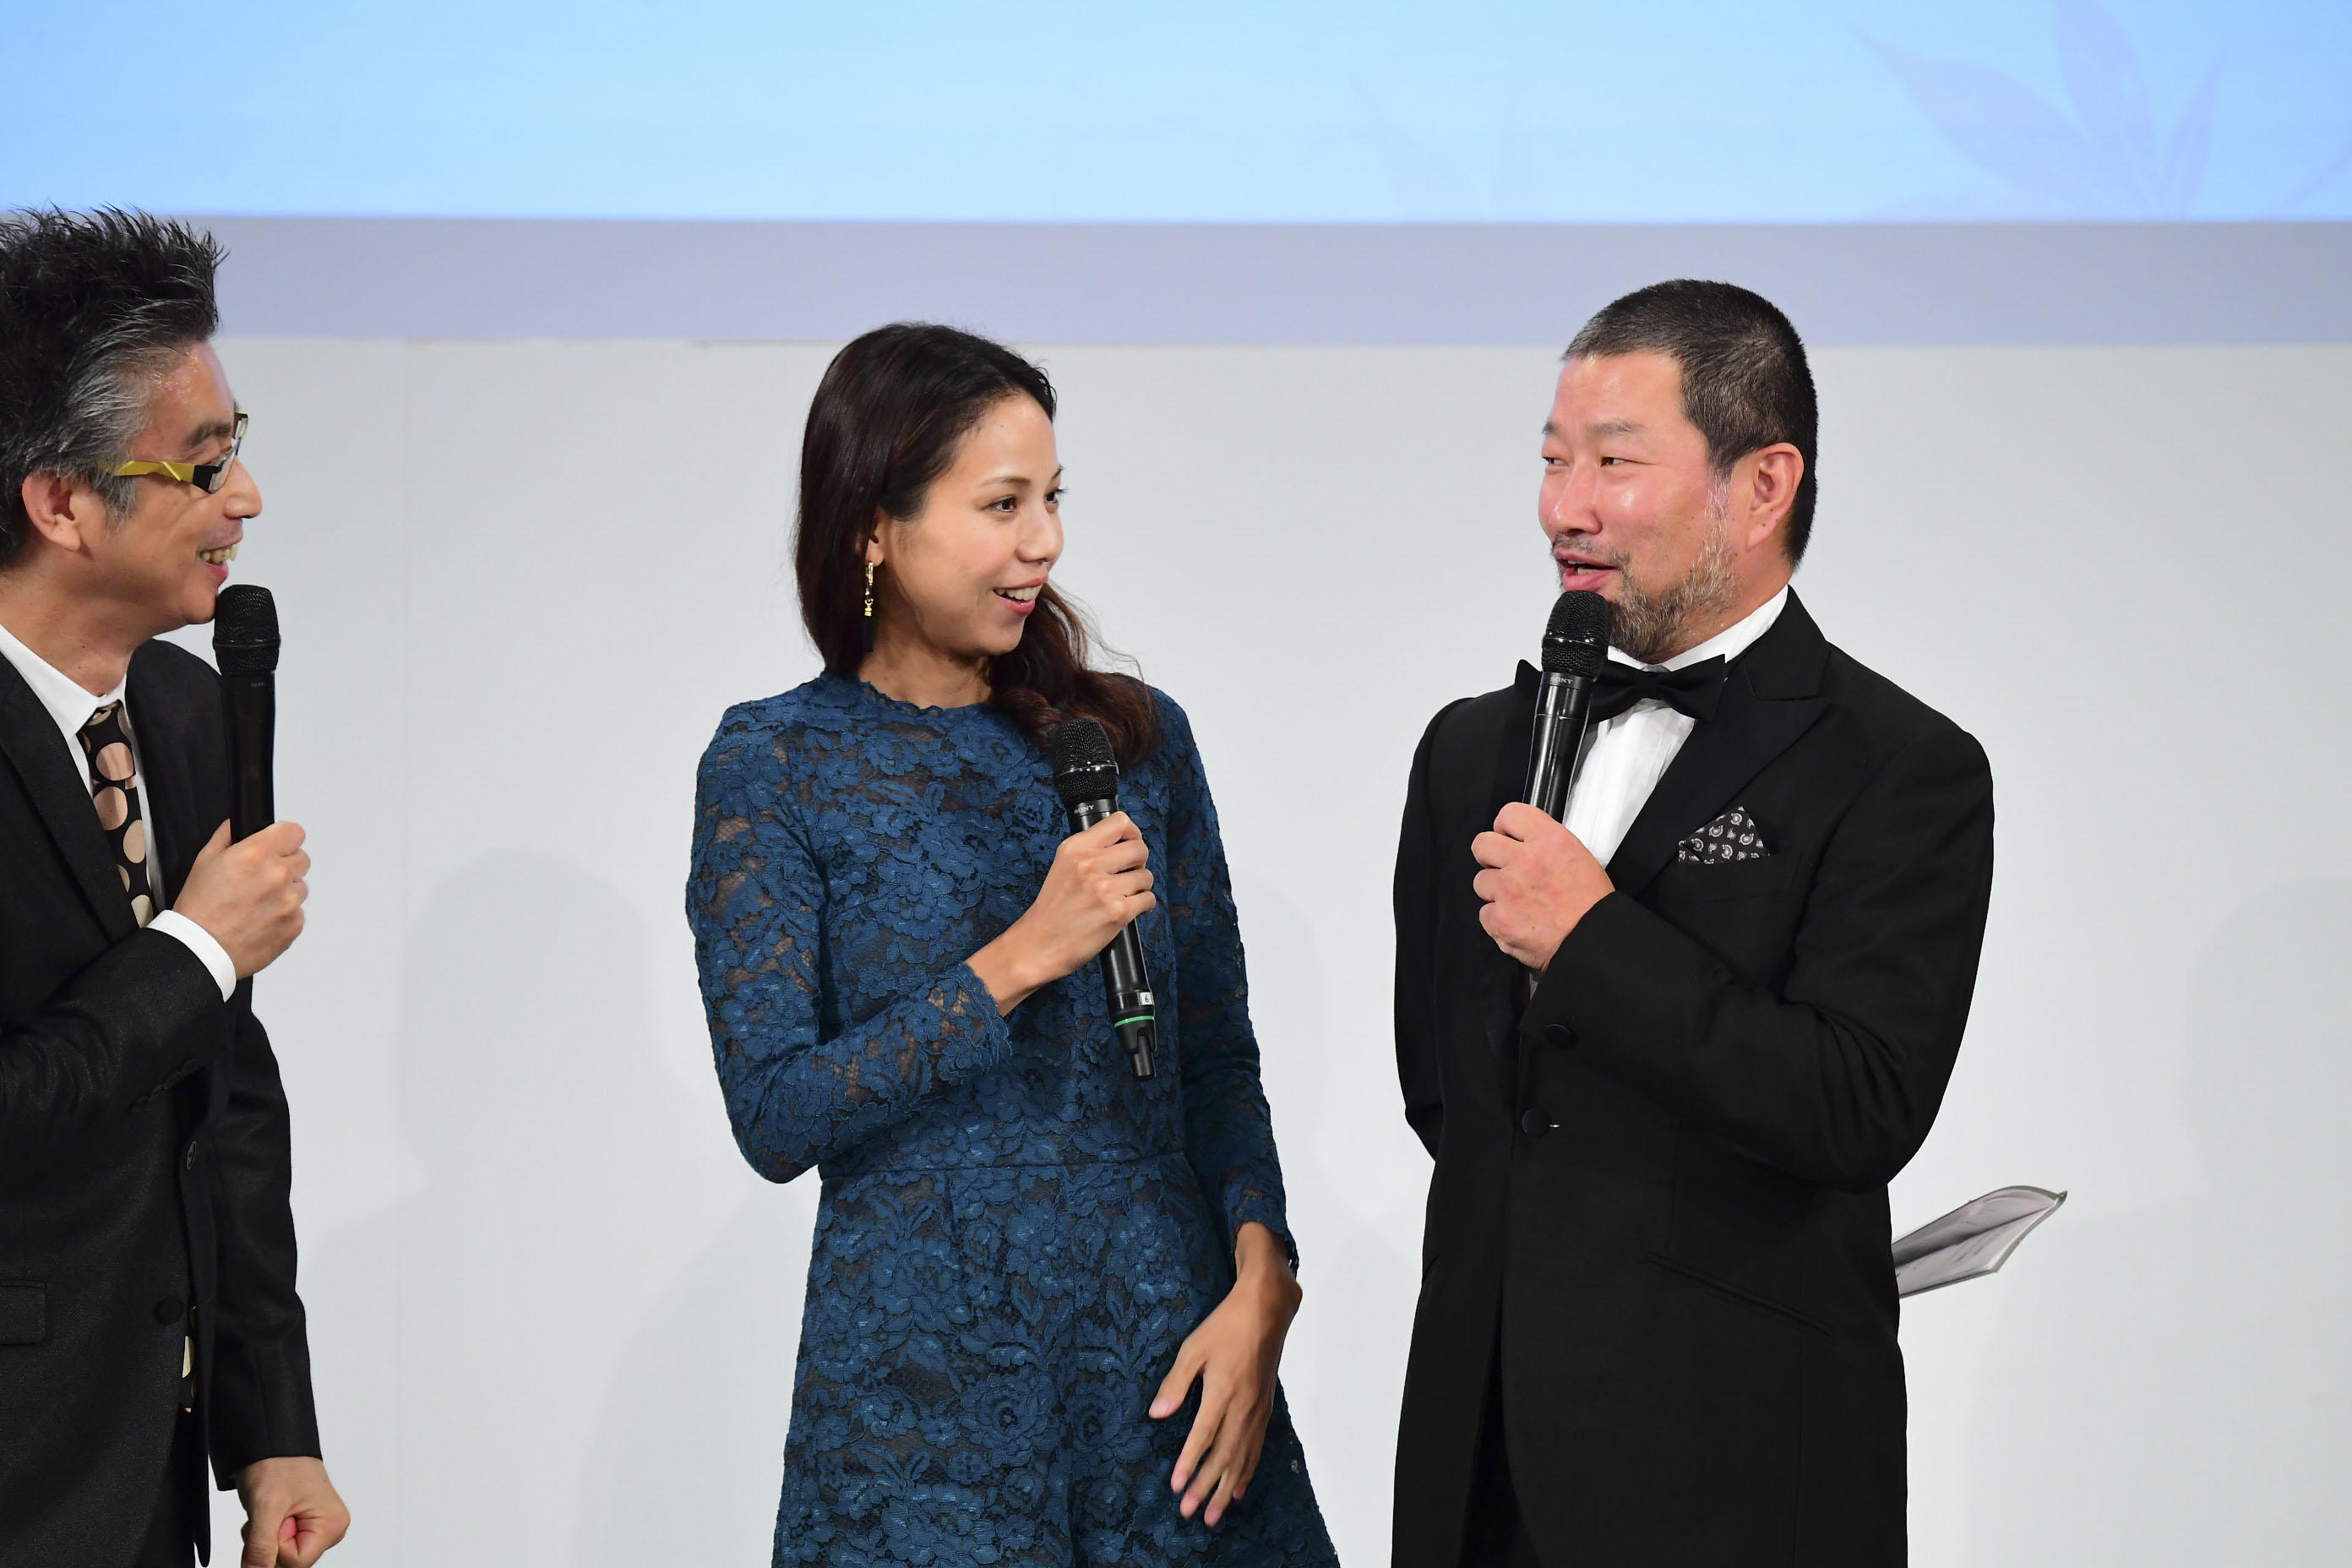 http://news.yoshimoto.co.jp/20170907022109-876603575af6c5b5a54e19bed3518ae7bcd10b6b.jpg